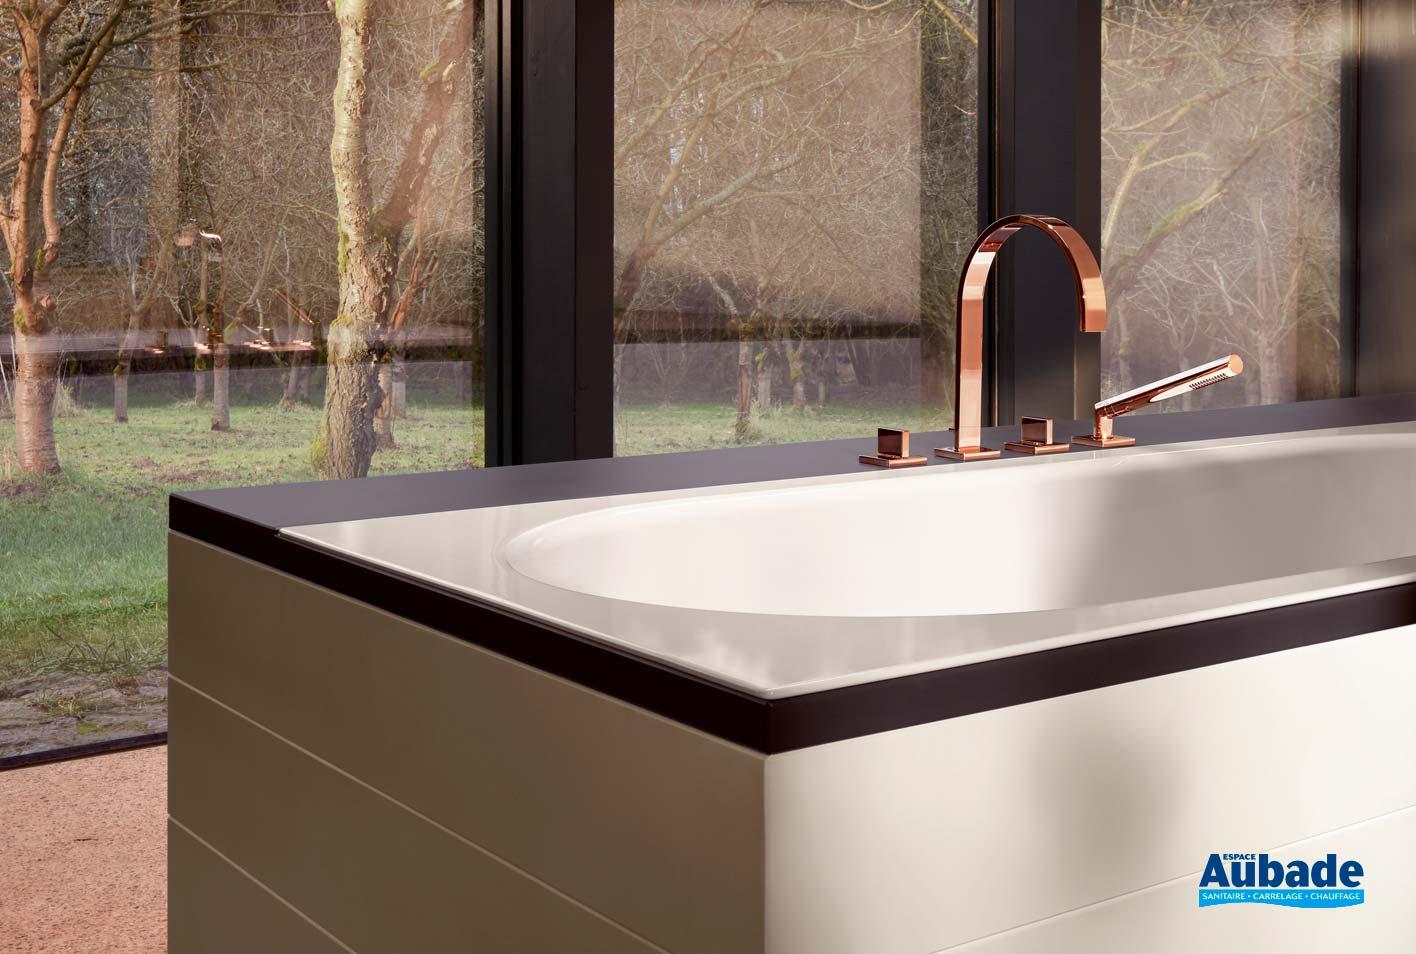 Poser Une Baignoire Avec Rebord baignoire encastrée bettestarlet spirit   espace aubade